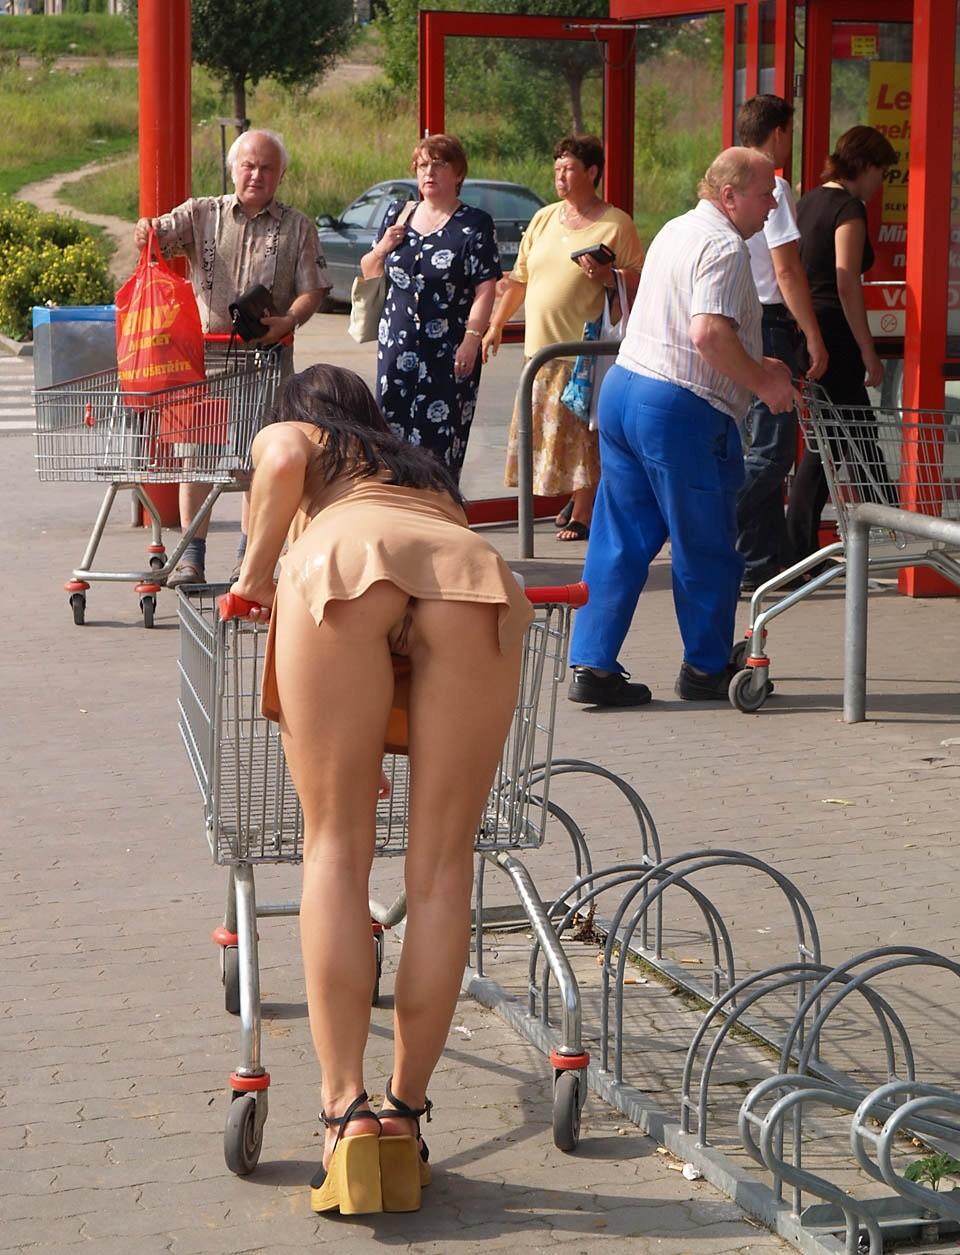 Фото под юбкой девушки без трусов под платьем видны